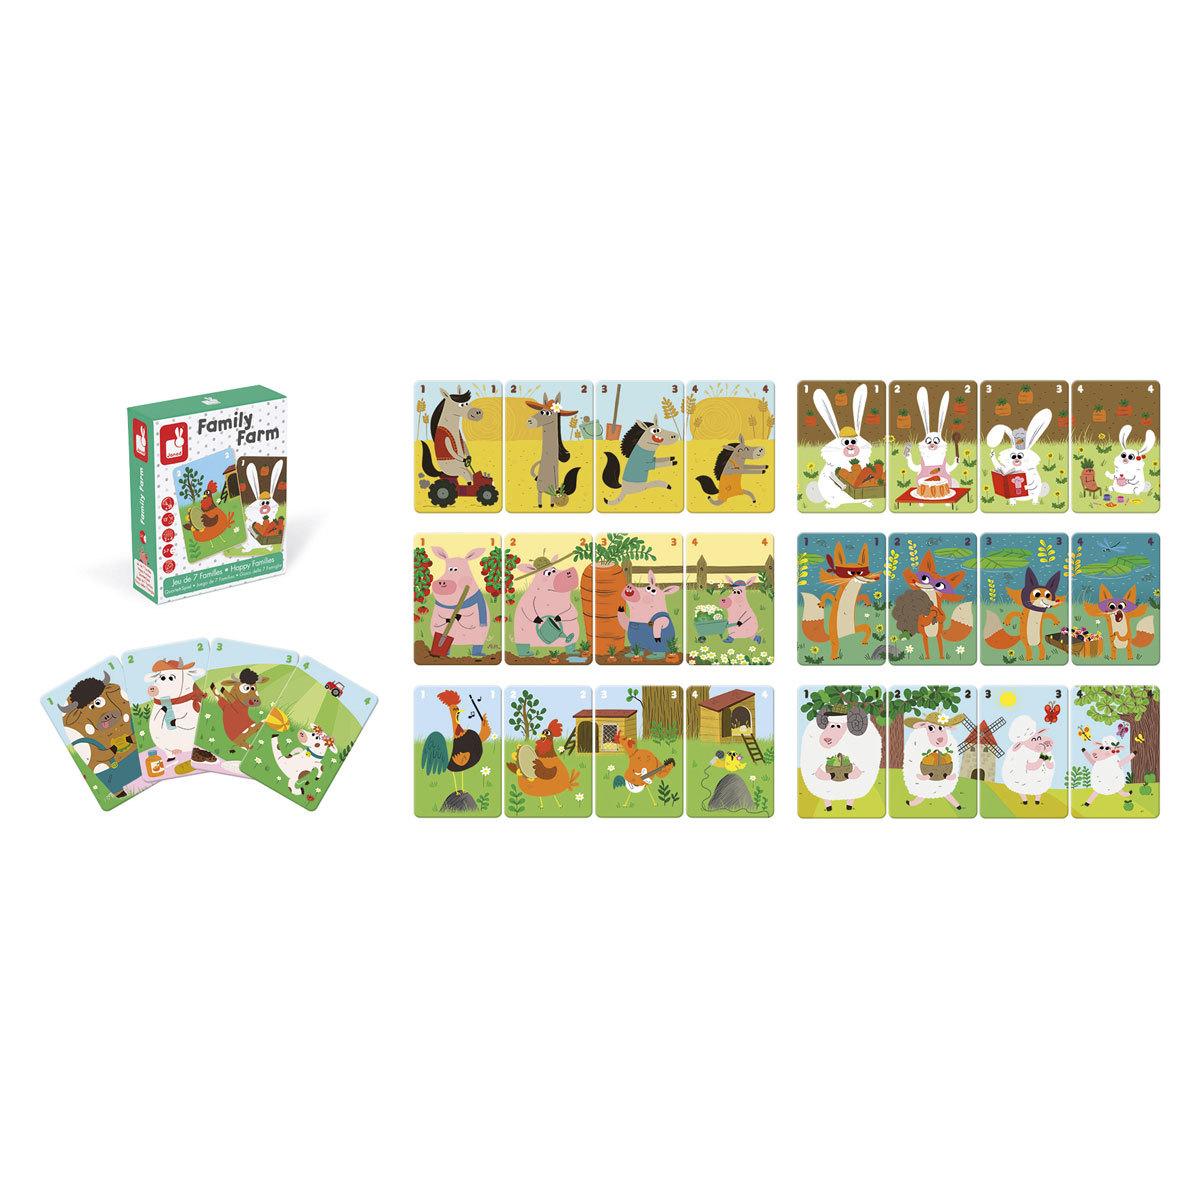 Mes premiers jouets Jeu de 7 Familles - Family Farm Jeu de 7 Familles - Family Farm